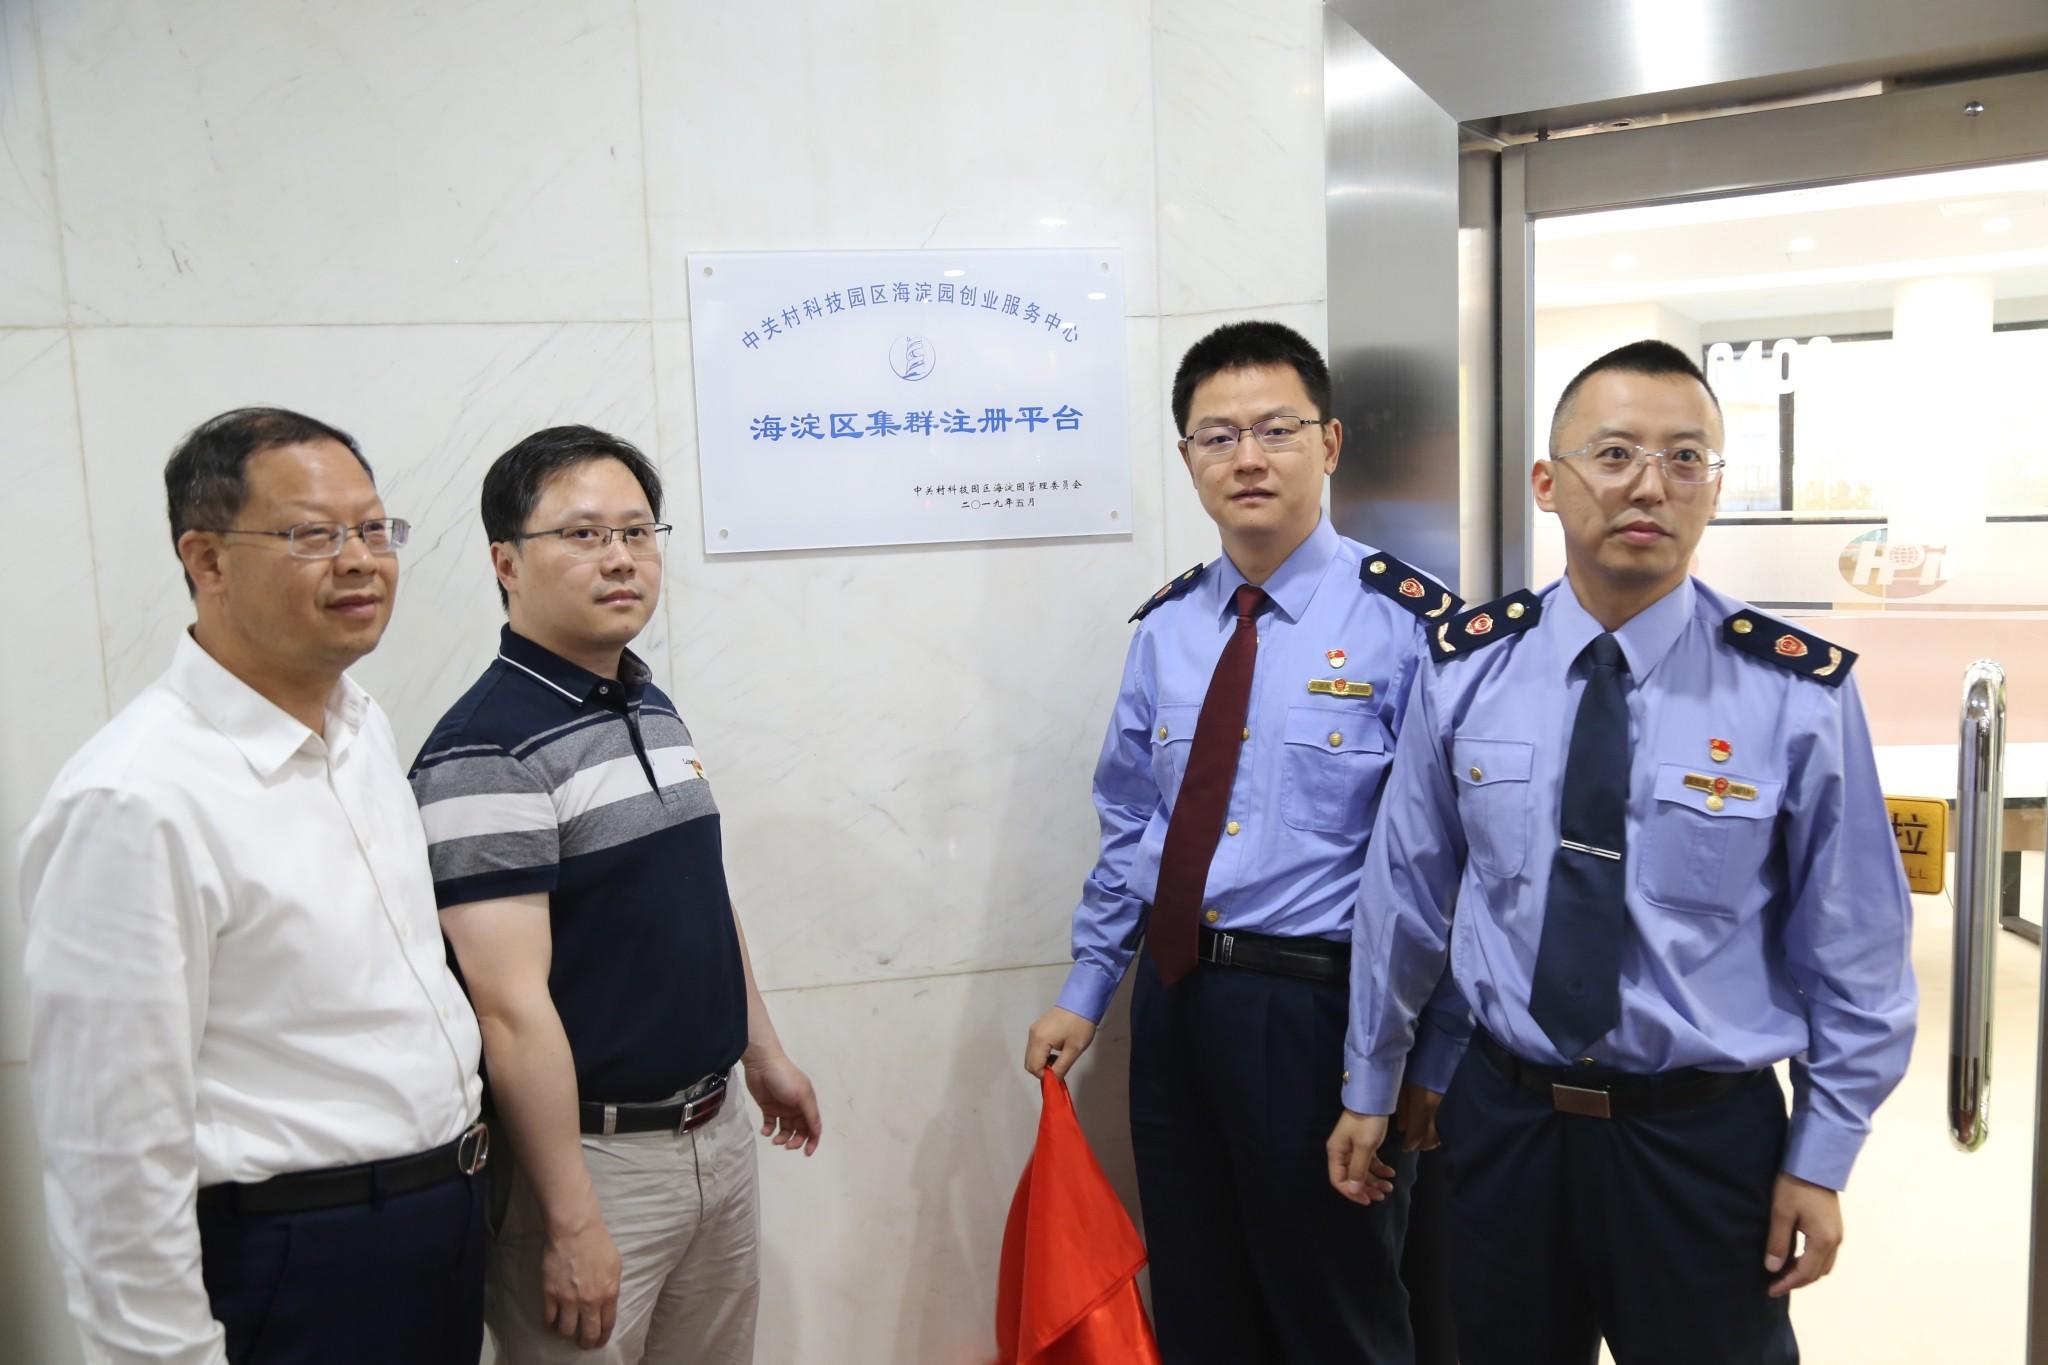 20190513北京市首个集群注册平台正式落地海淀创业园1.jpg